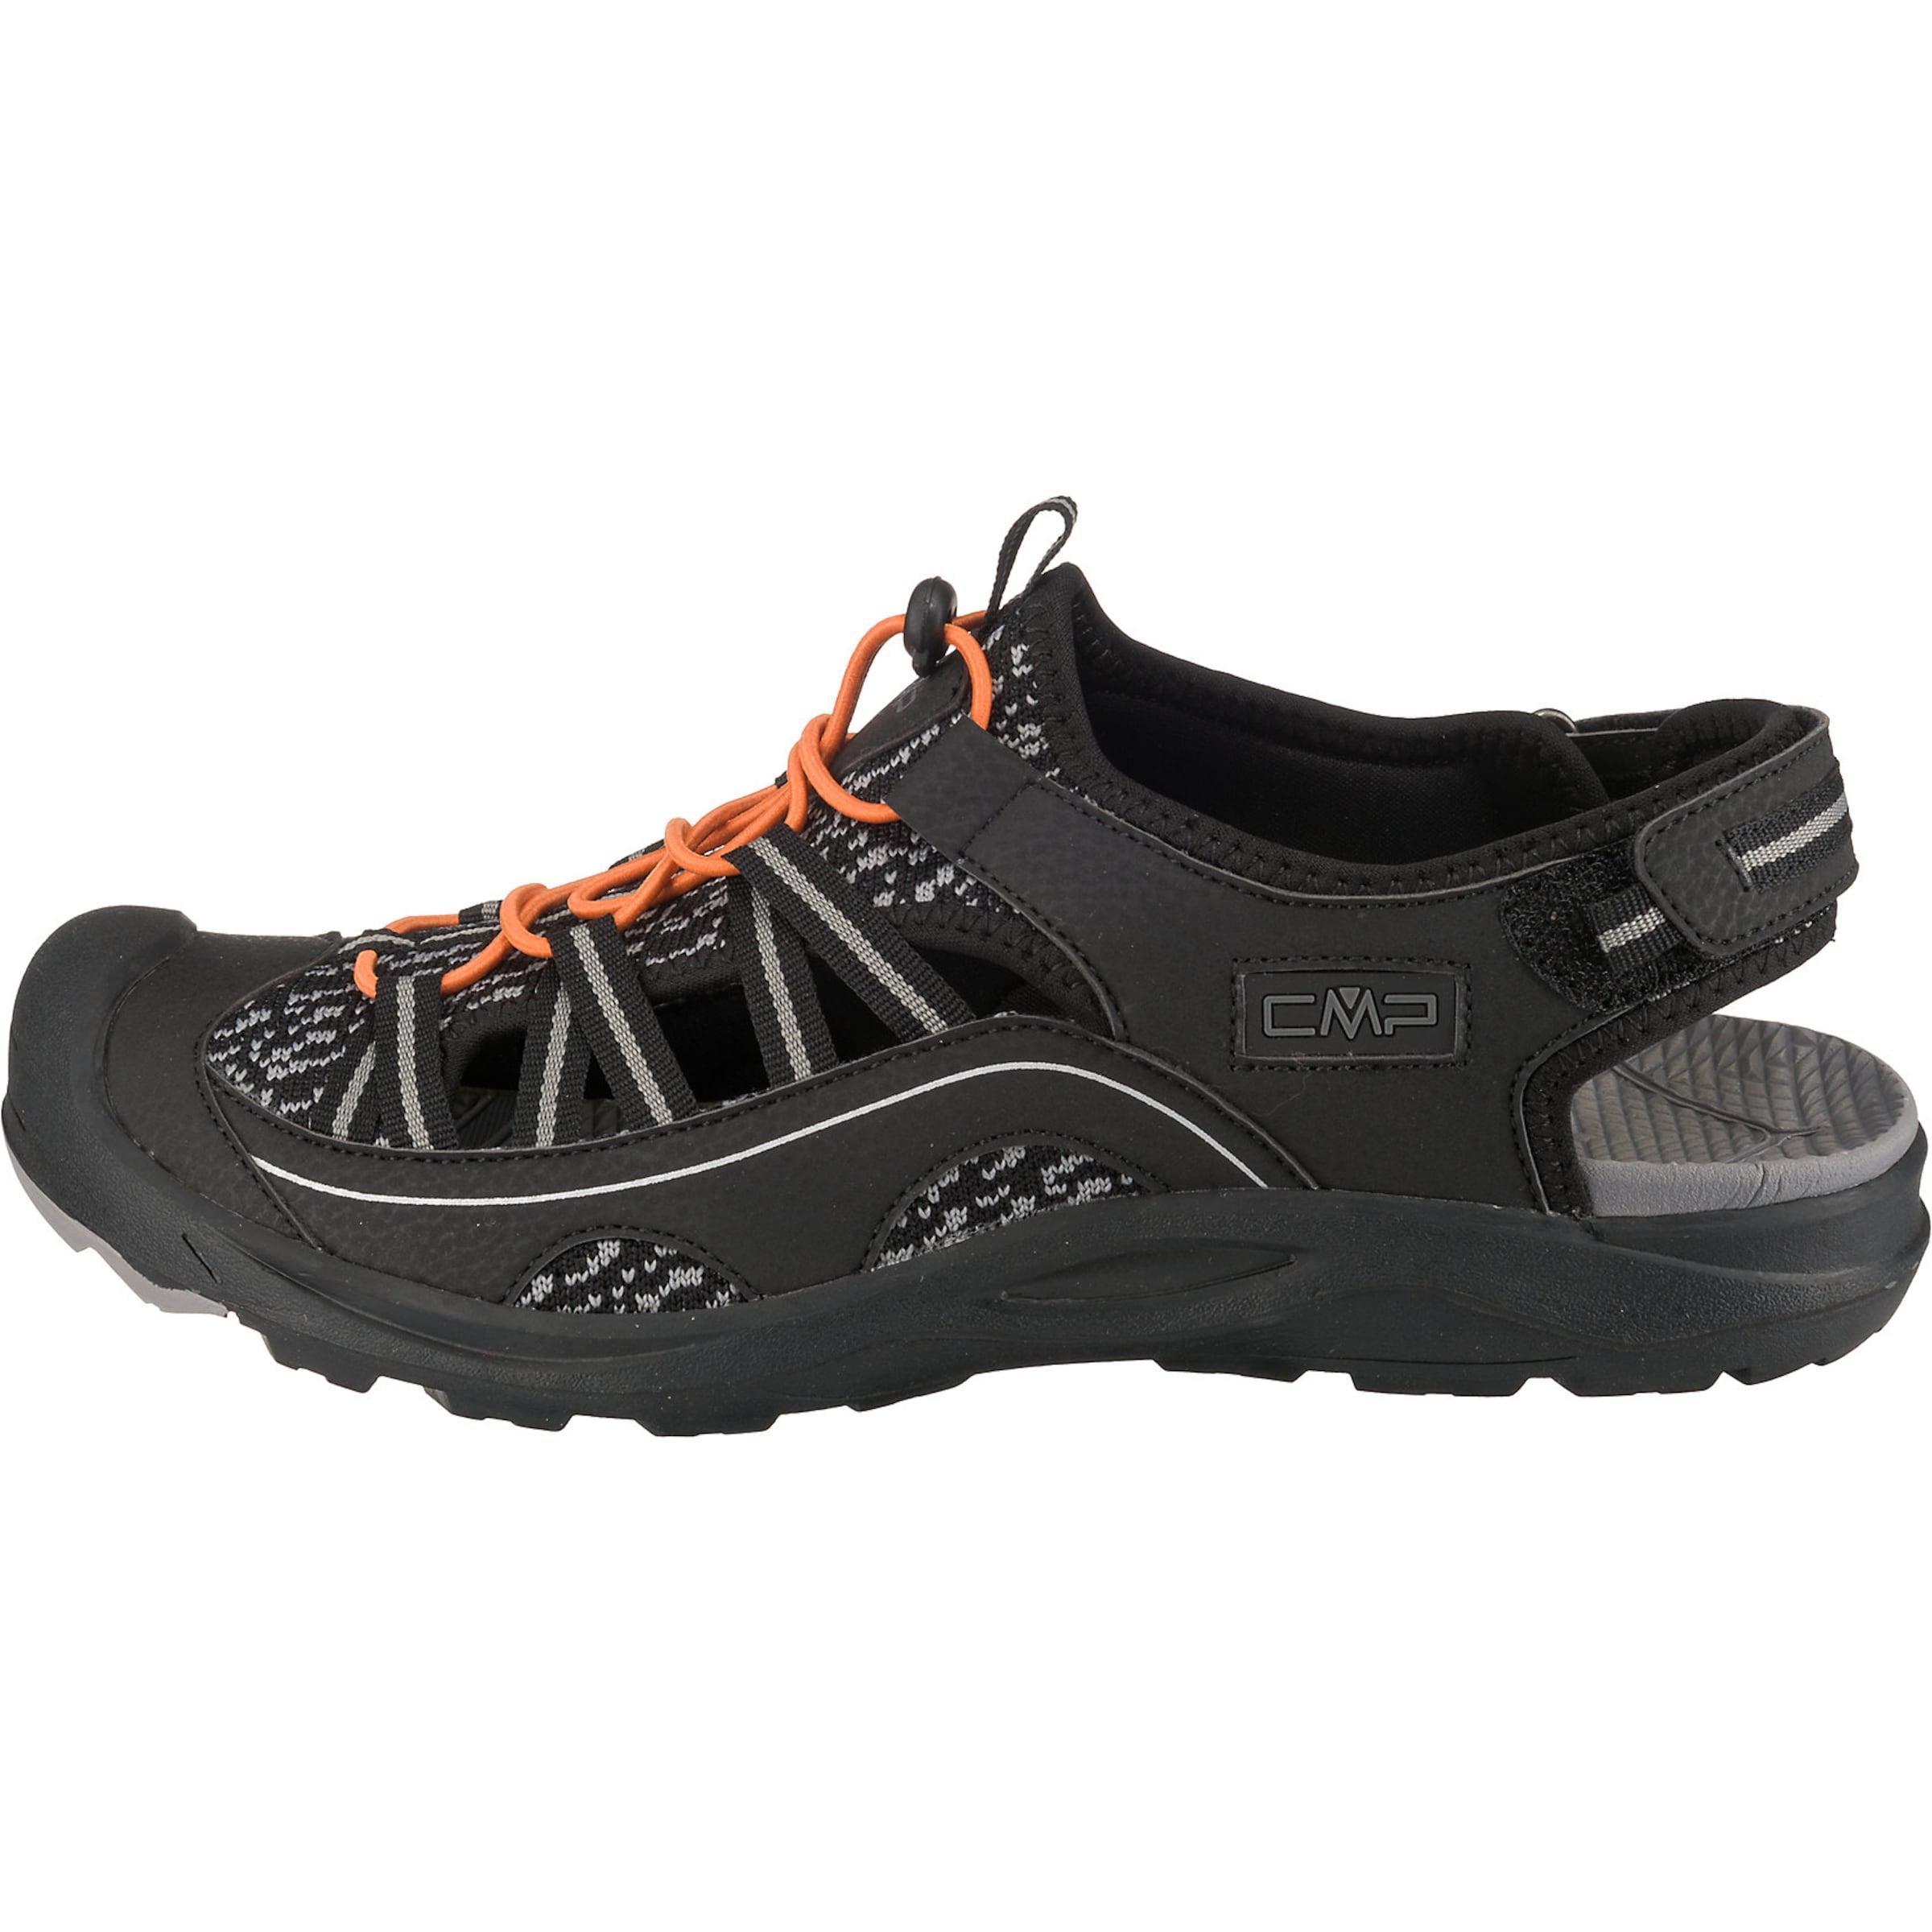 Cmp Sandal GrauSchwarz In 'adhara Hiking' 1TFlK3Jc